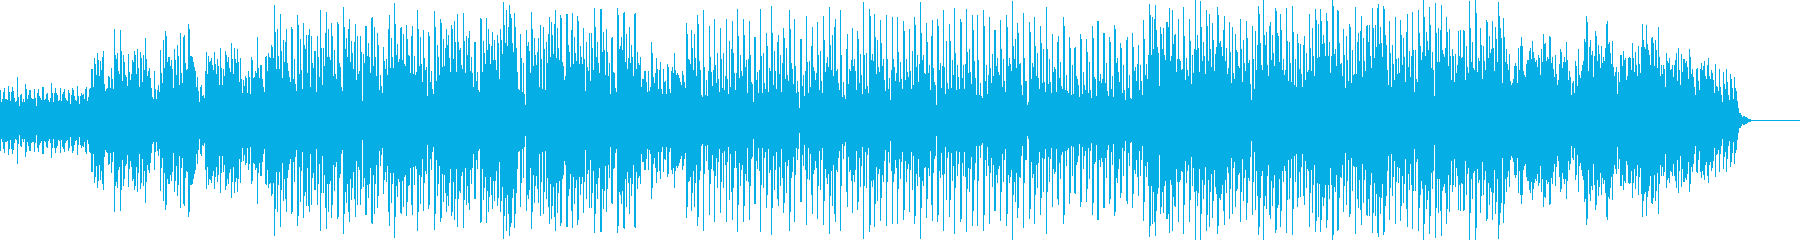 電子音、ゲームBGMっぽい曲。の再生済みの波形